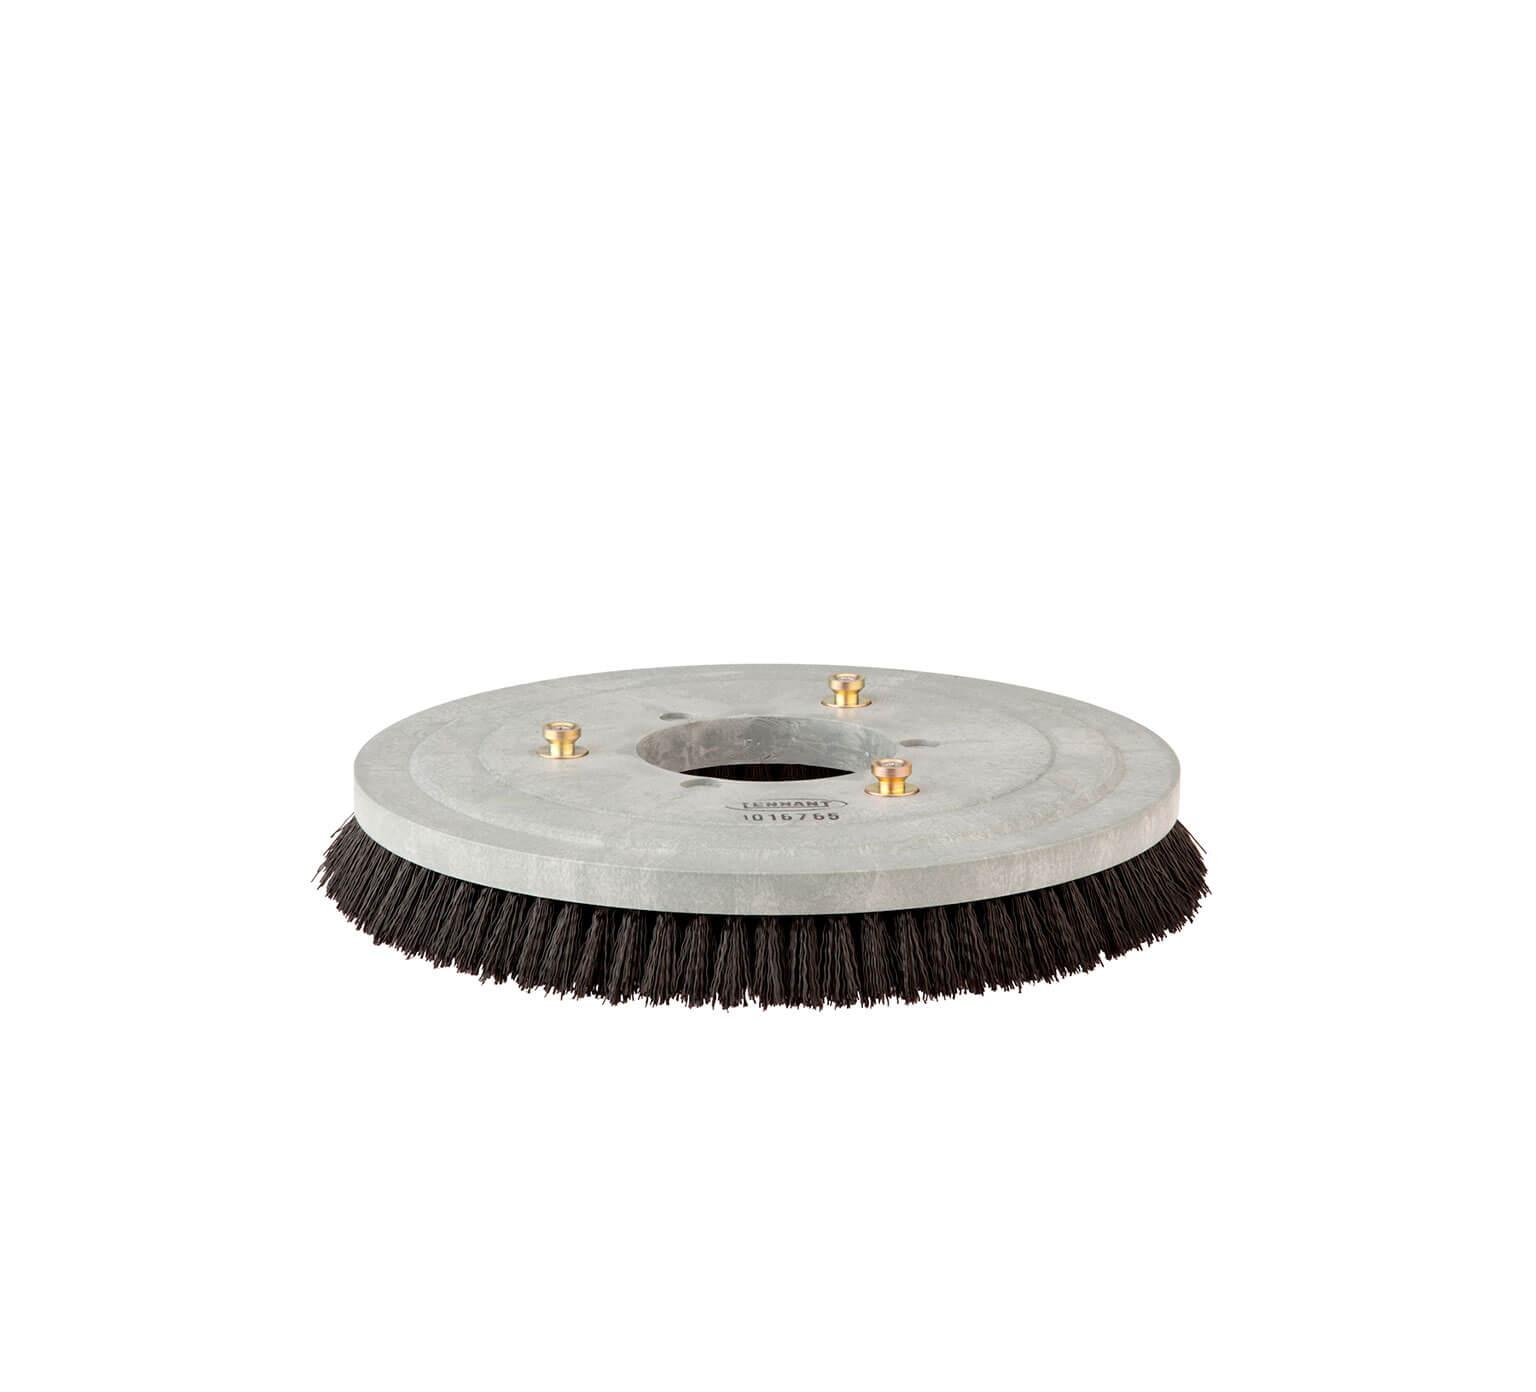 1016765 <br>Полипропиленовая дисковая чистящая щетка в сборе — 17 дюймов / 432 мм